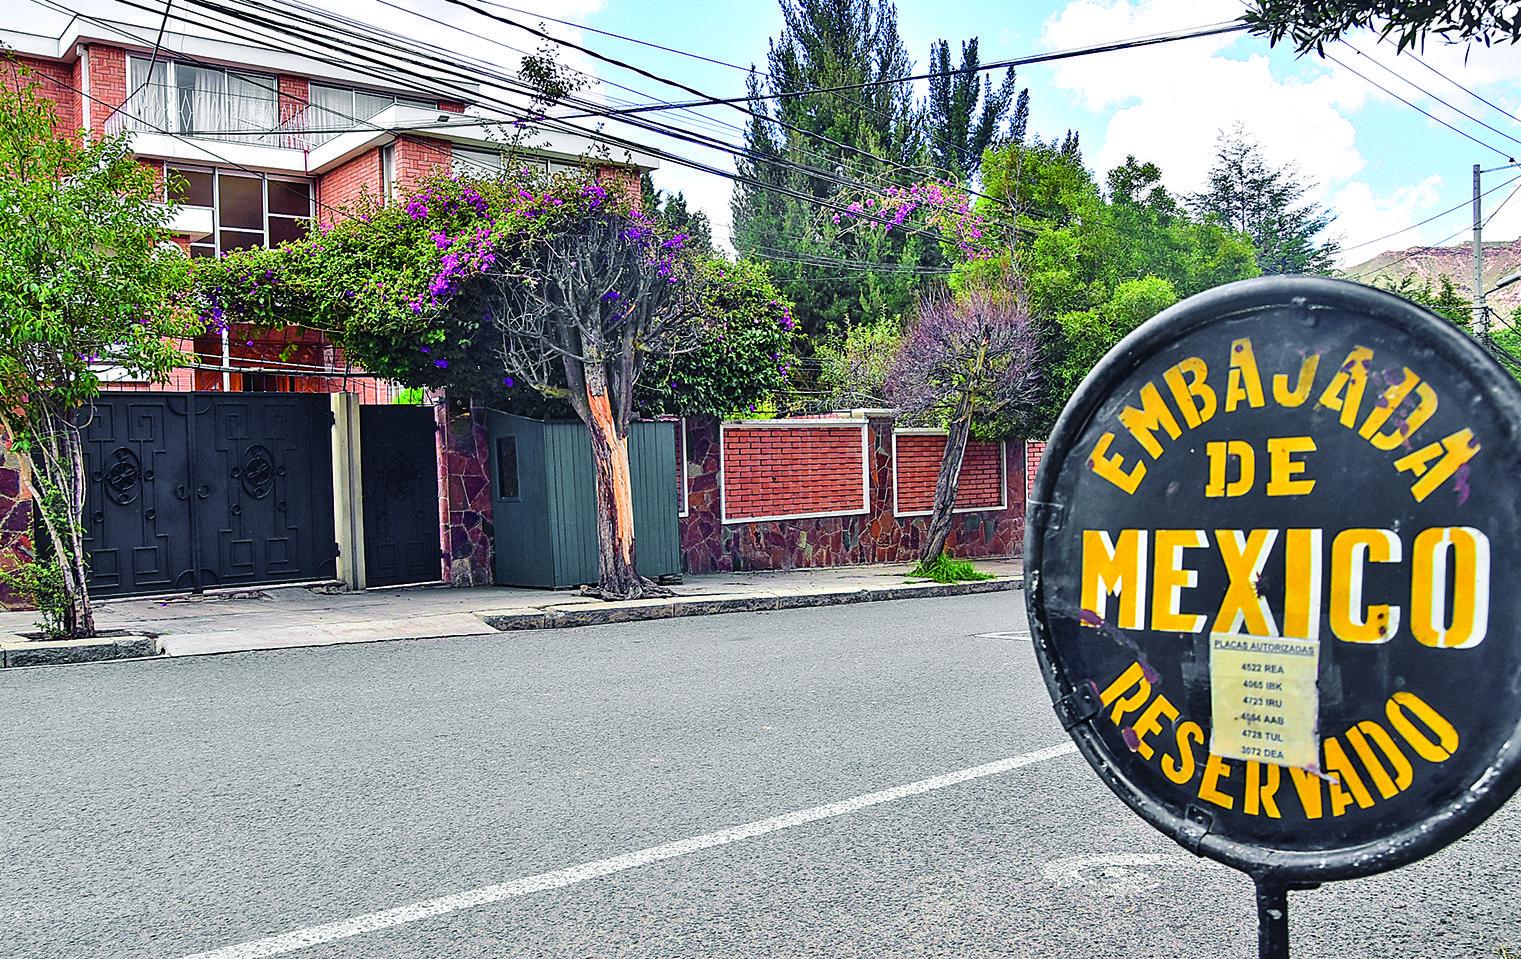 La residencia de la embajada mexicana es custodiada por la resistencia civil / ARCHIVO PÁGINA SIETE